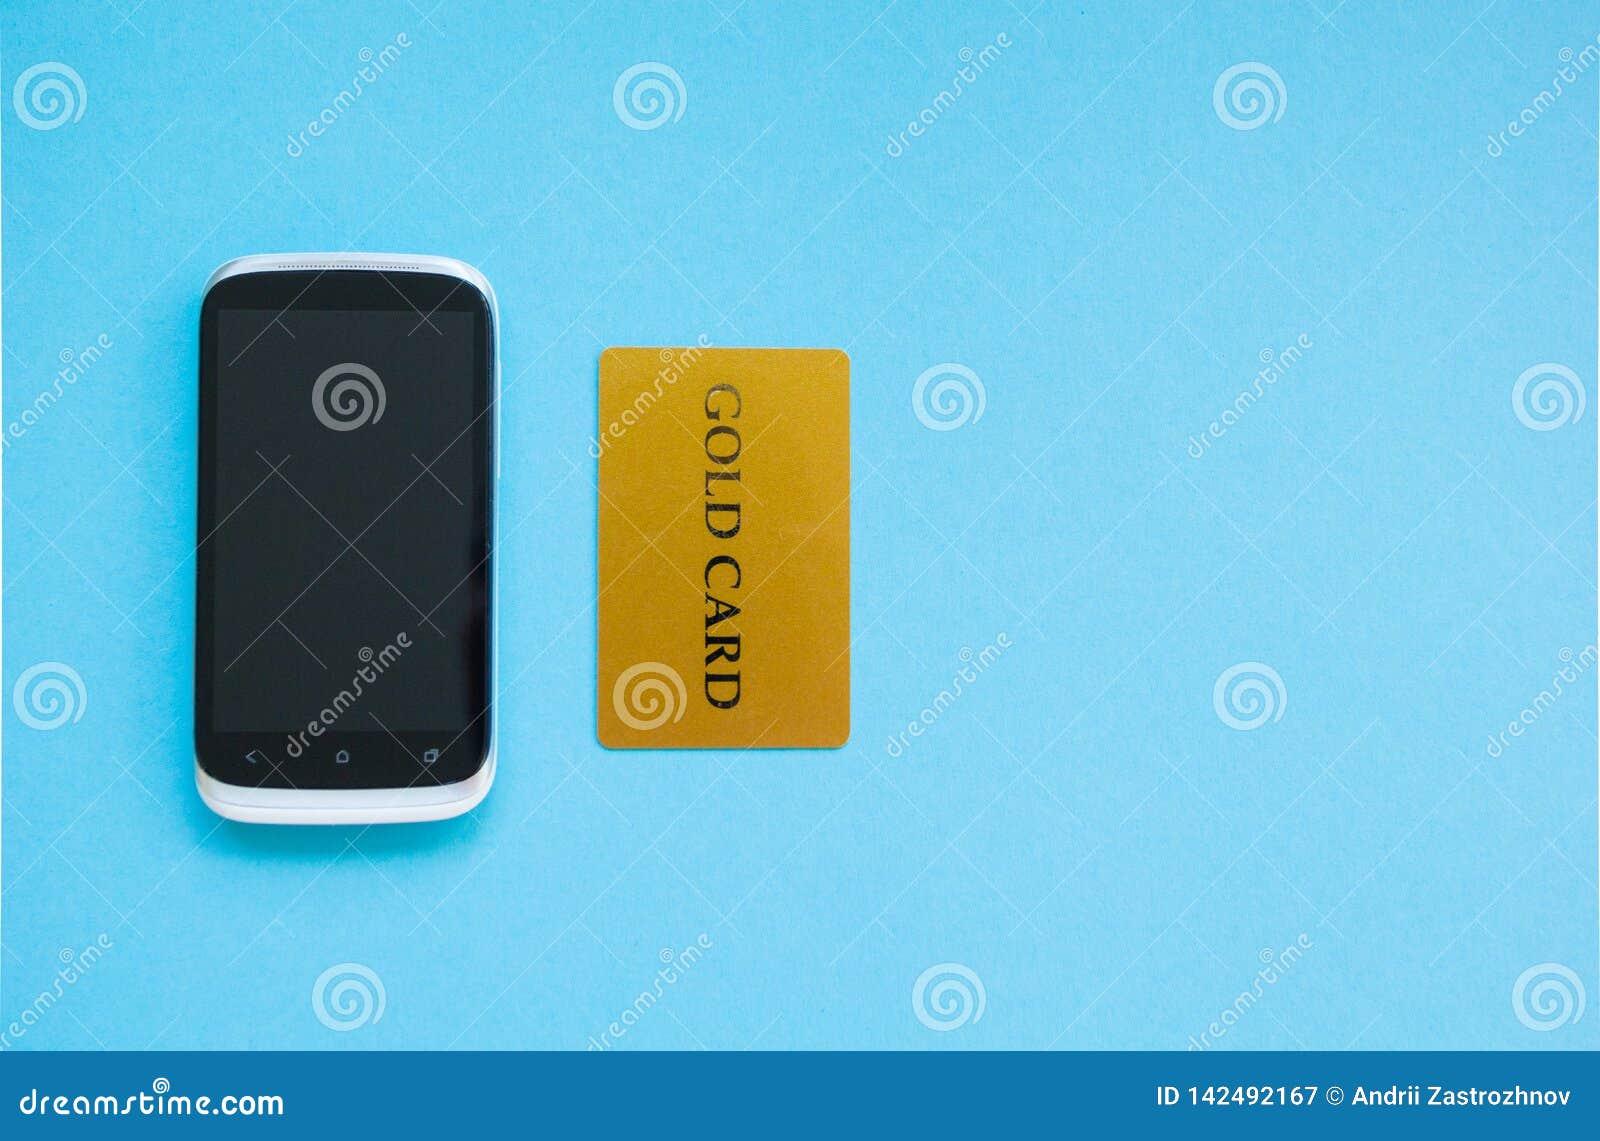 Comprando produtos em linha, pagamento usando um cartão de crédito, conceito de compra em linha